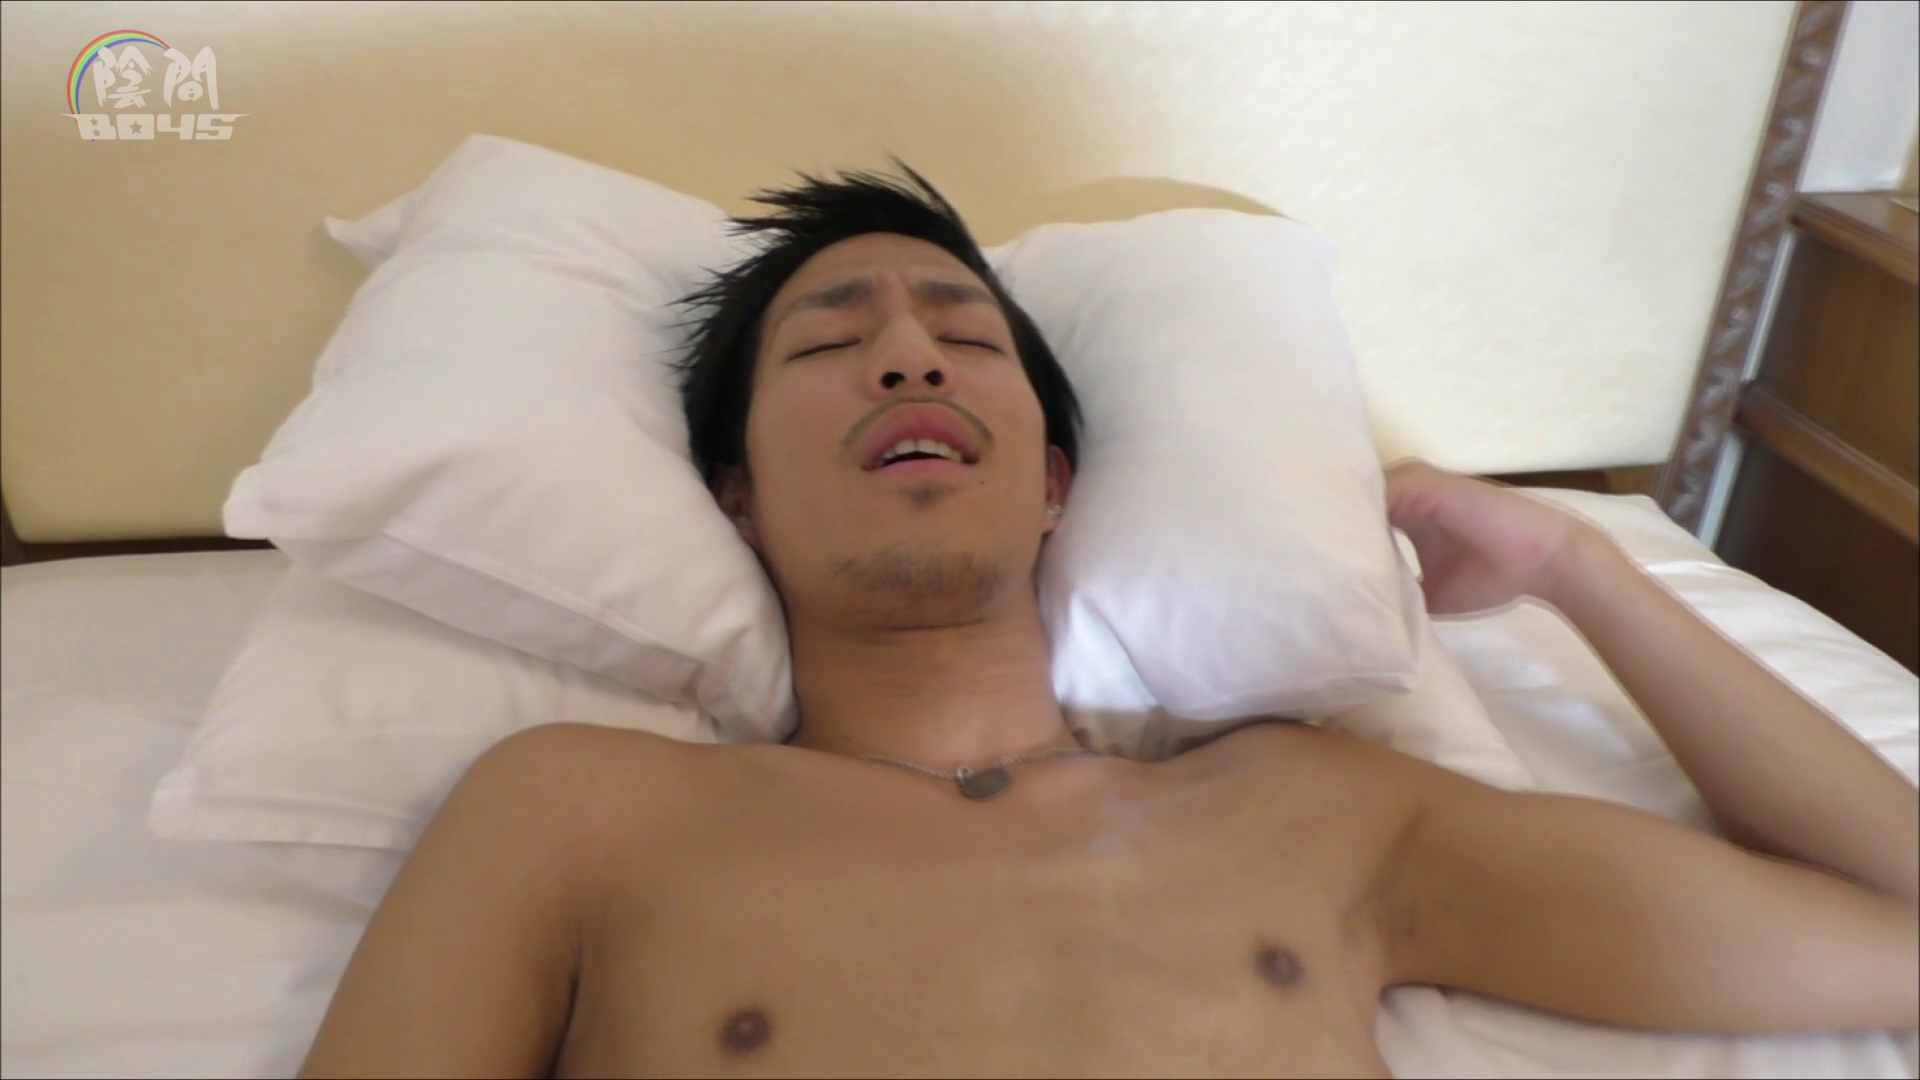 陰間BOYS~「アナルだけは許して…3」~07 入浴・シャワー丸見え 男同士動画 72pic 9